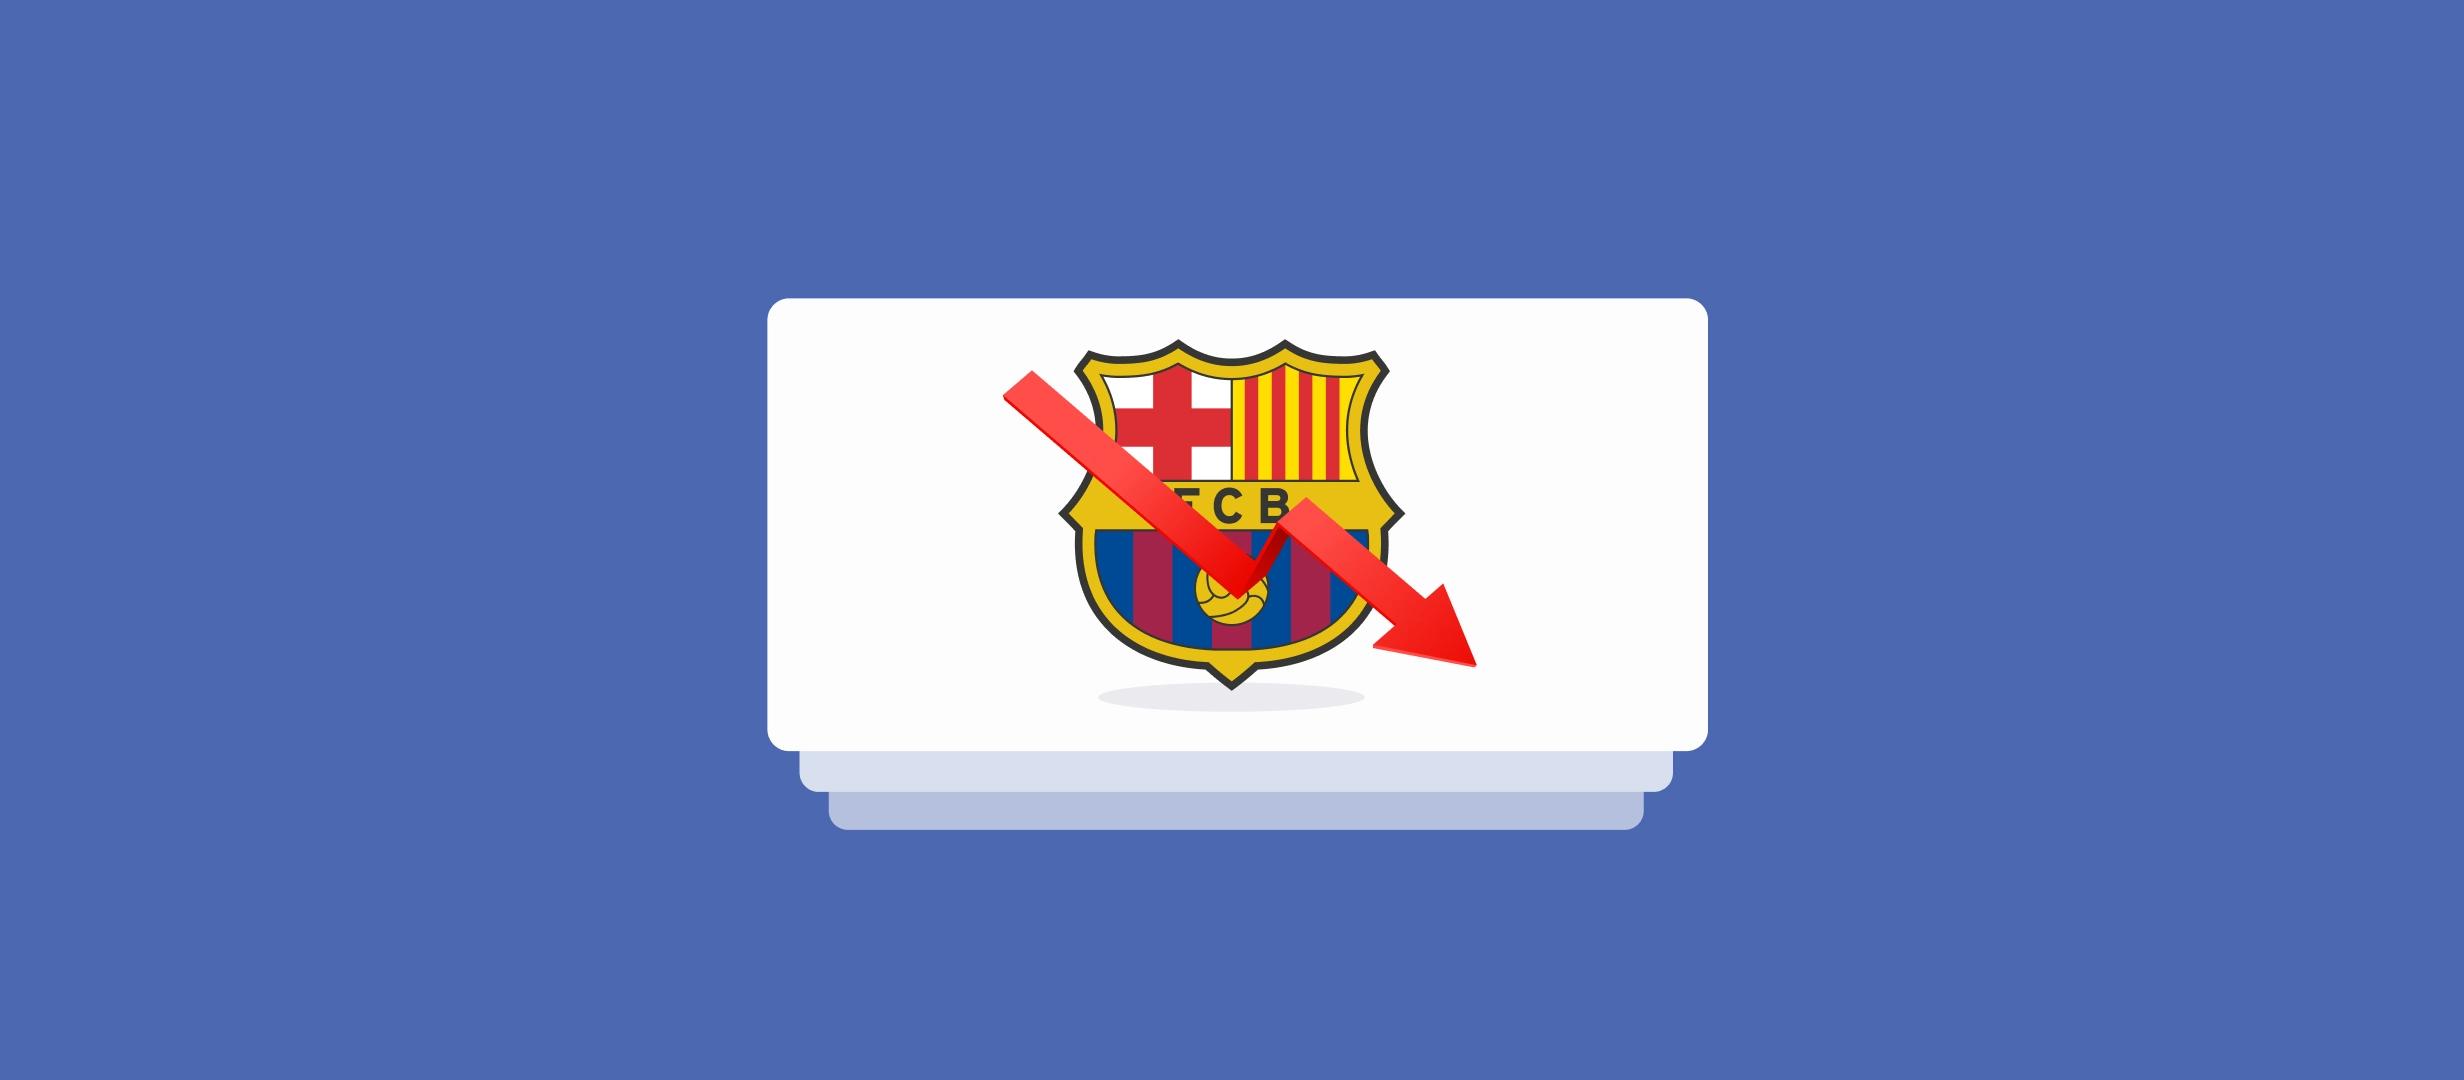 Hacia dónde se dirige el Barça: segunda derrota consecutiva en Champions y cero tiros a puerta